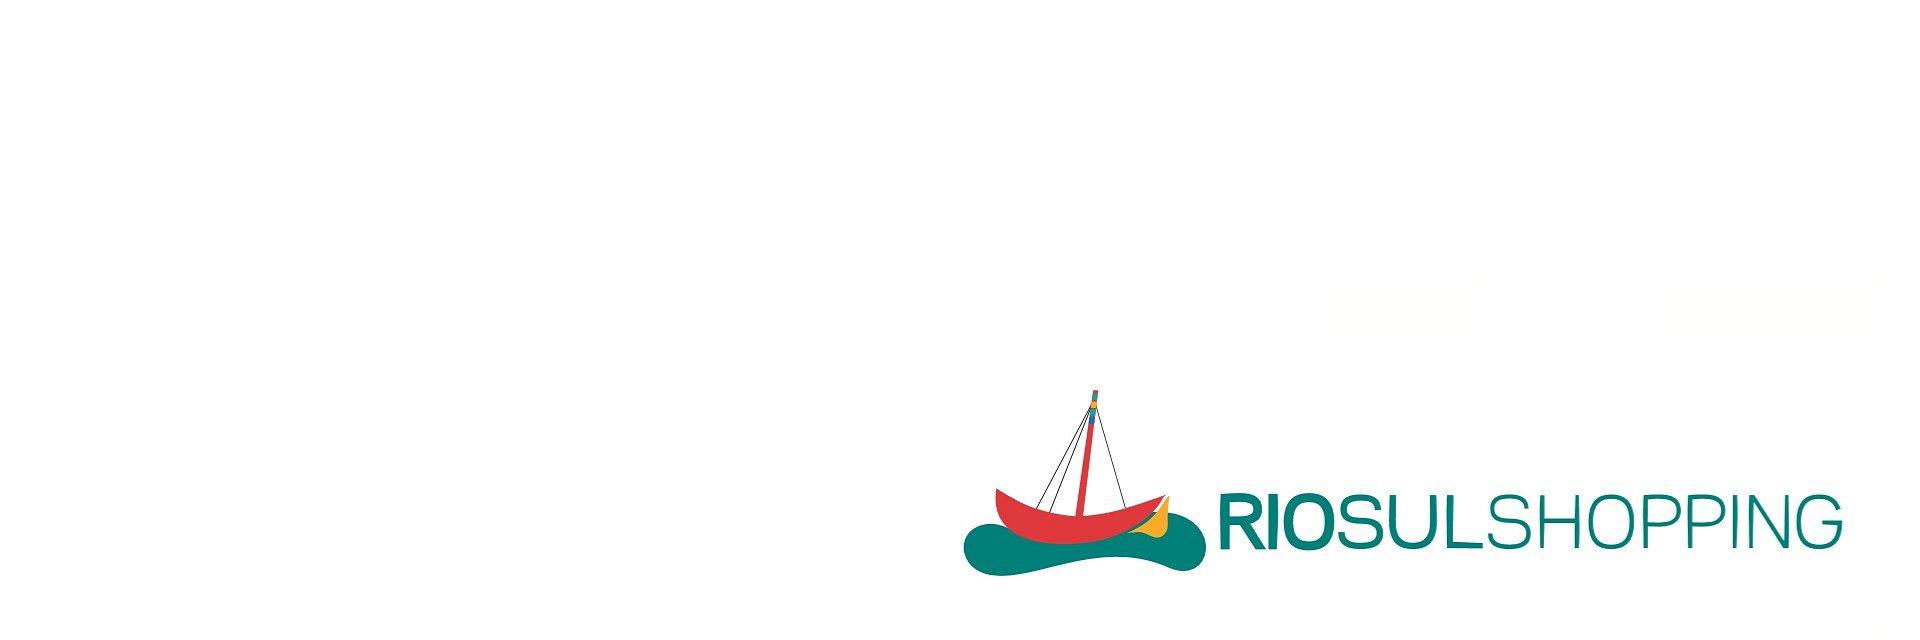 Remates Certeiros de Pequenos Campeões no RioSul Shopping